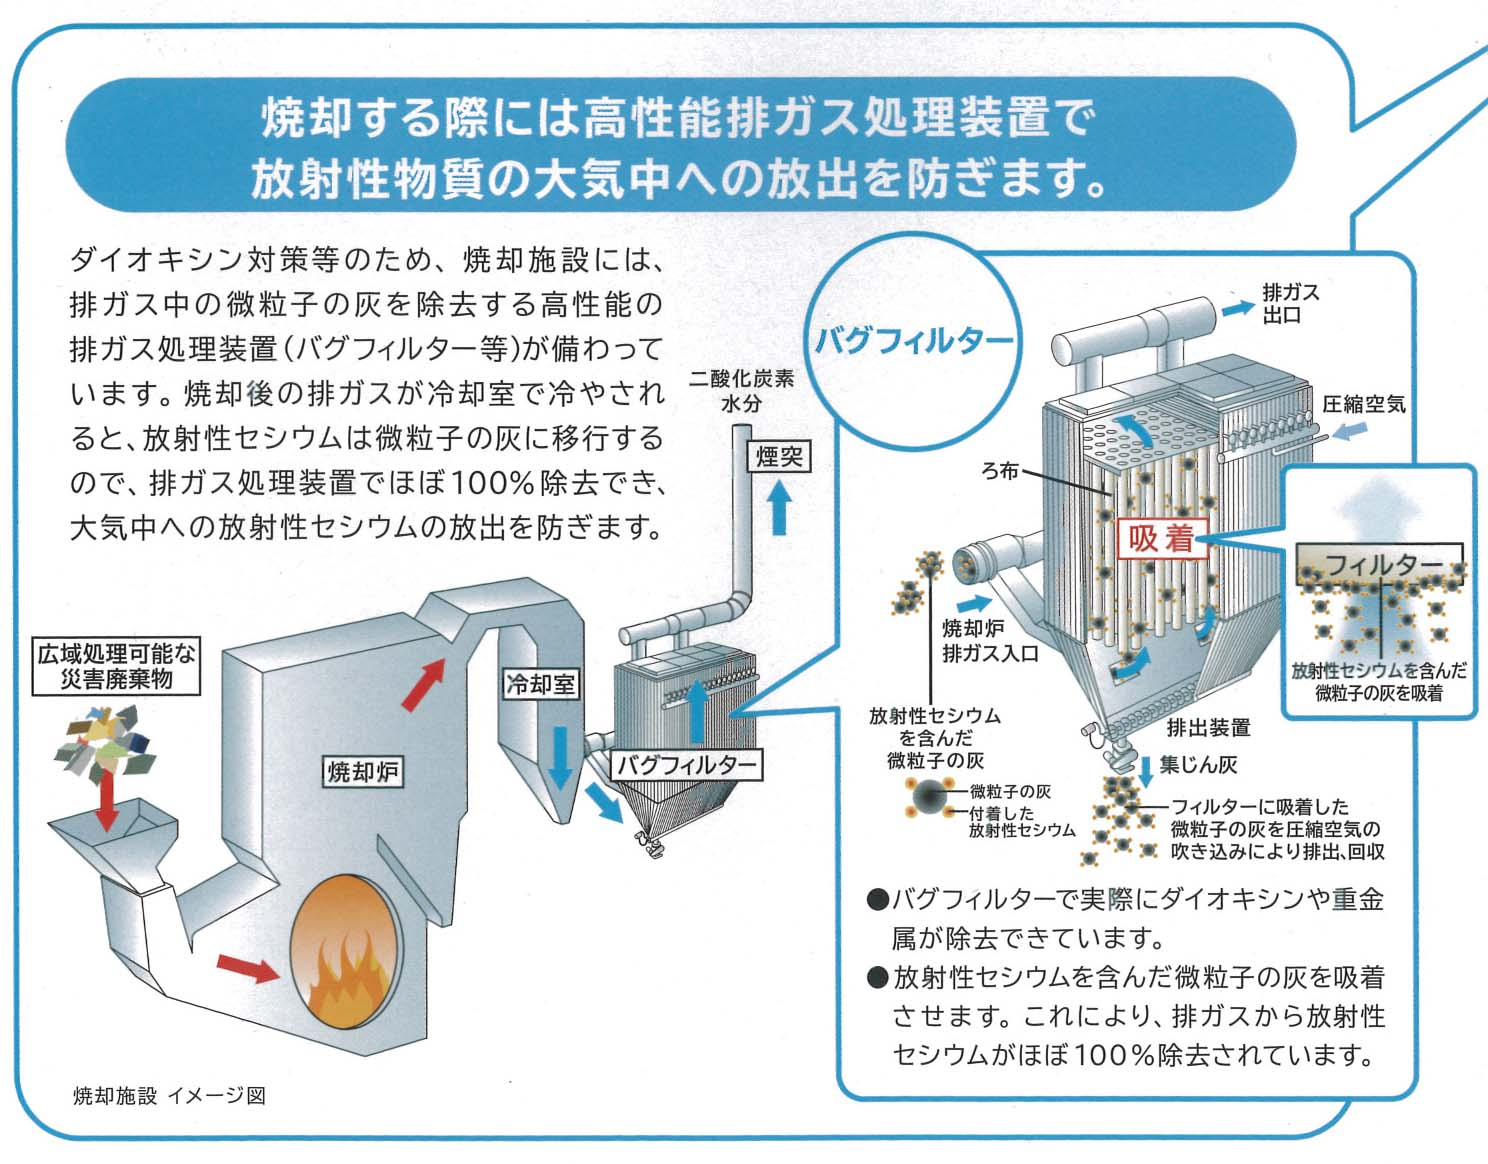 東日本大震災で発生した災害ガレキの試験焼却に関する議員全員協議会_f0141310_8402759.jpg